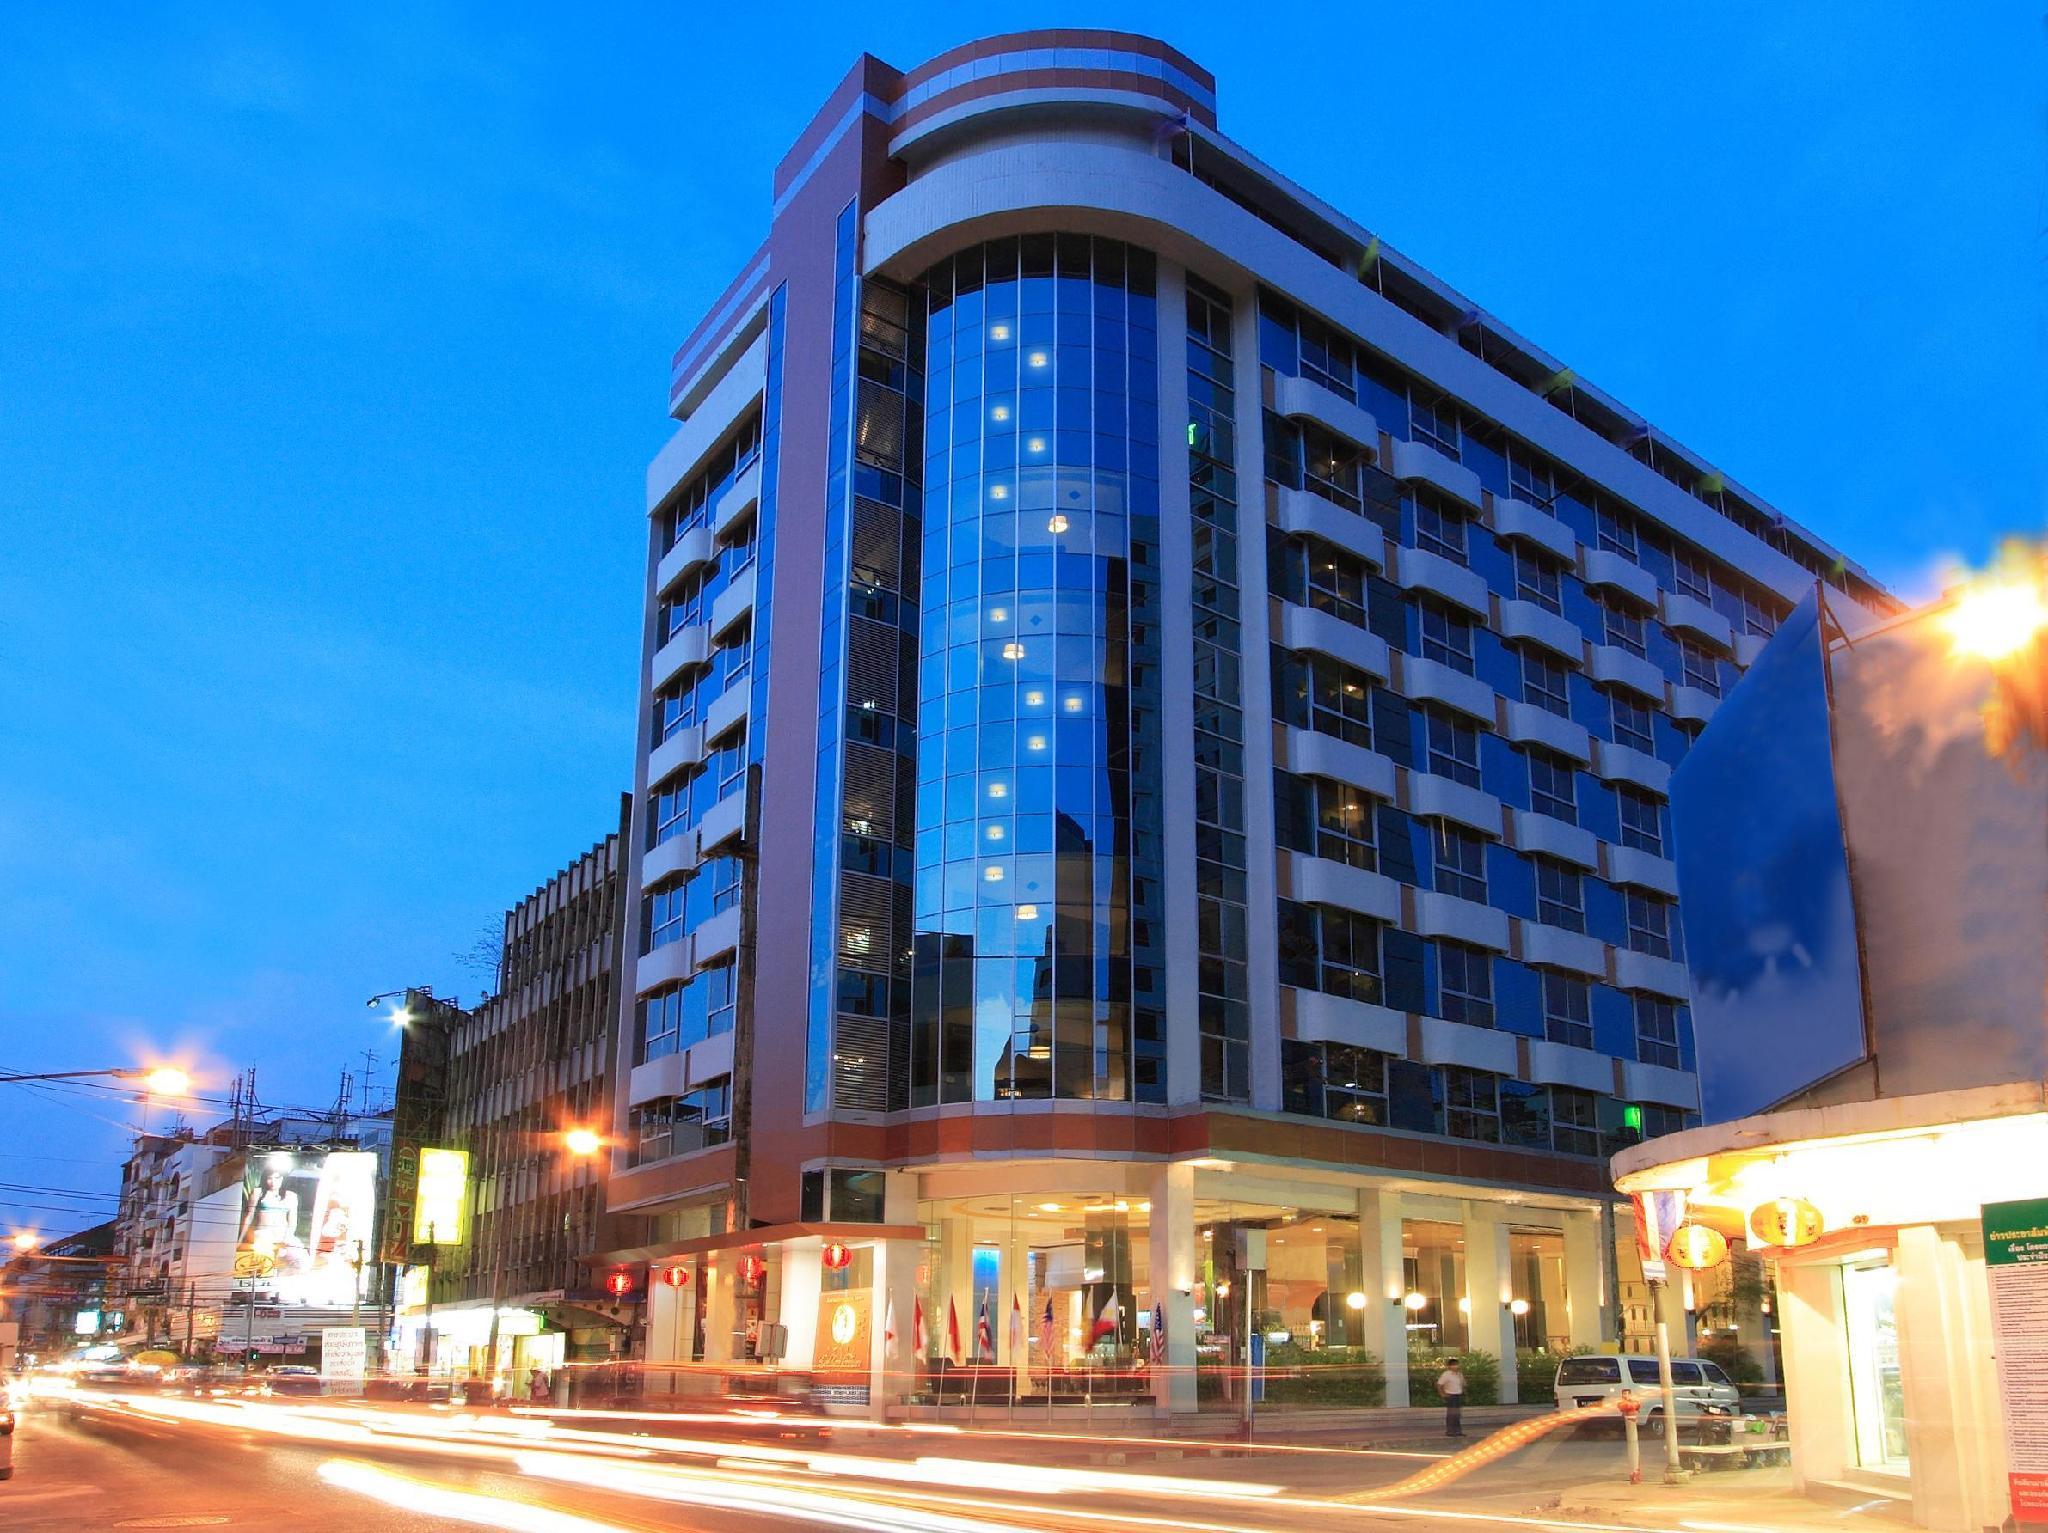 โรงเเรมโกลเด้นคราวน์ แกรนด์